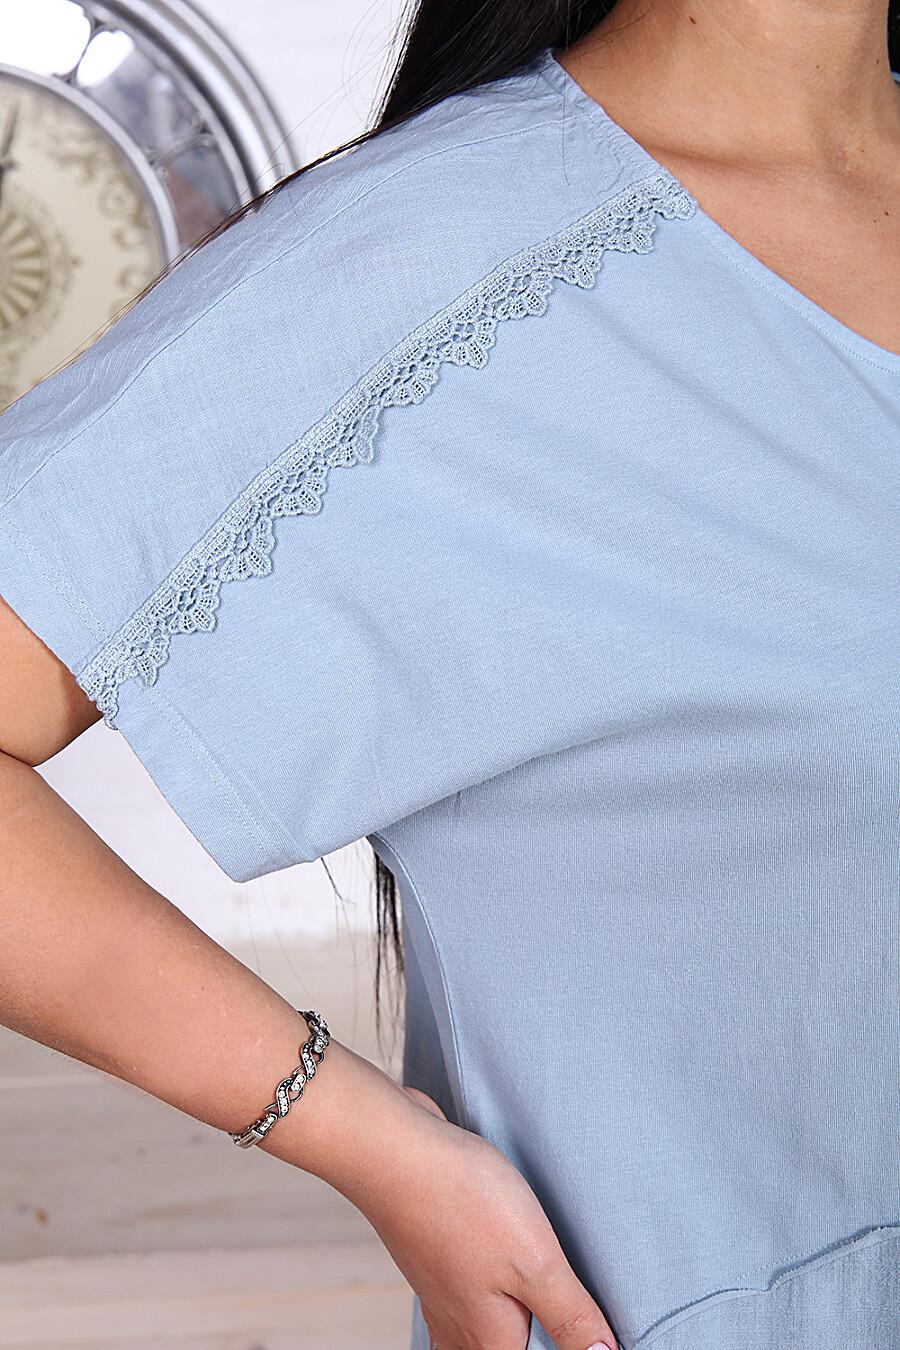 Платье 22178 для женщин НАТАЛИ 348405 купить оптом от производителя. Совместная покупка женской одежды в OptMoyo